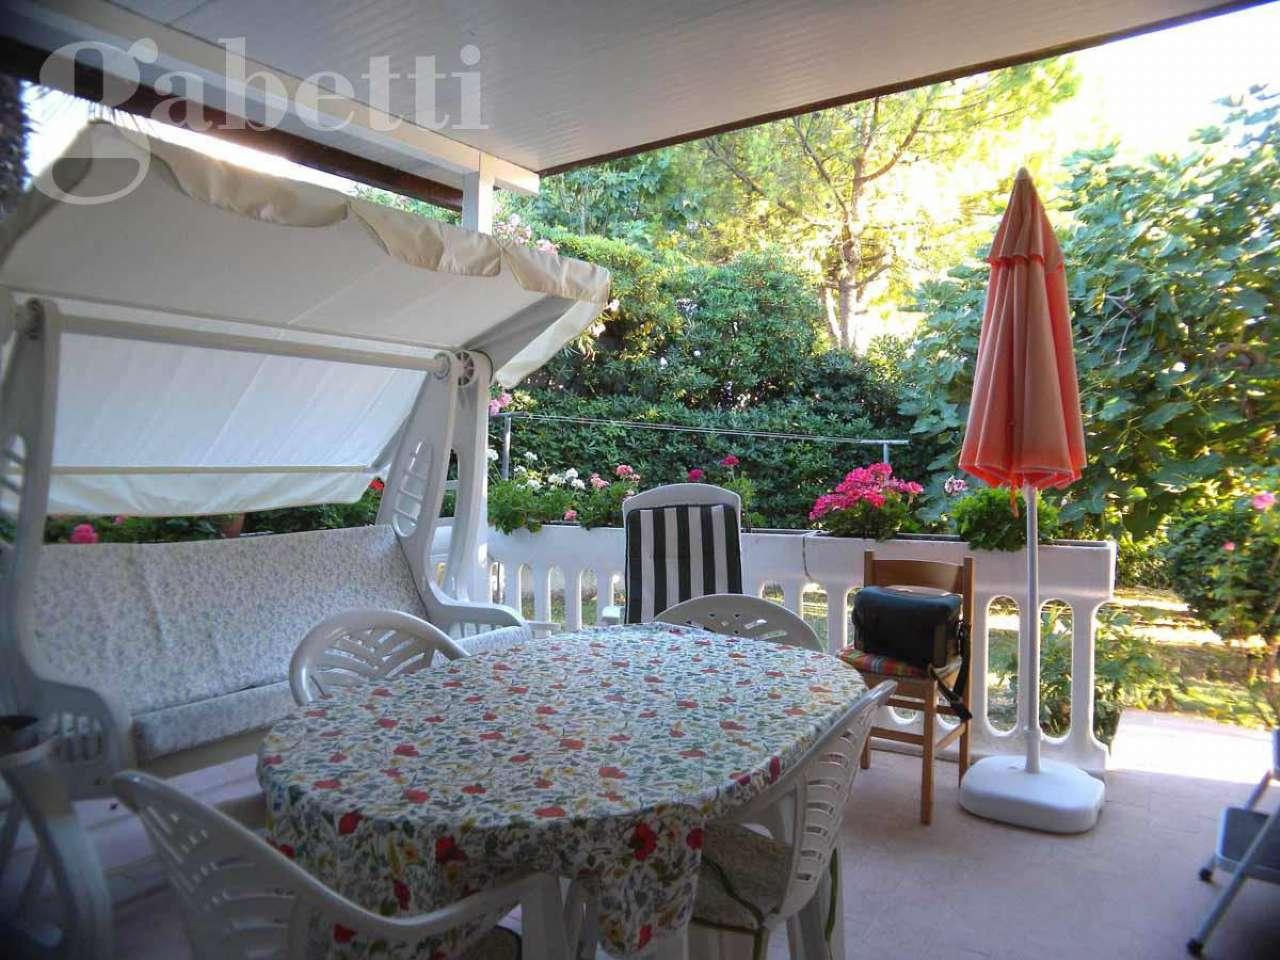 Appartamento in vendita a Montemarciano, 2 locali, prezzo € 120.000 | CambioCasa.it